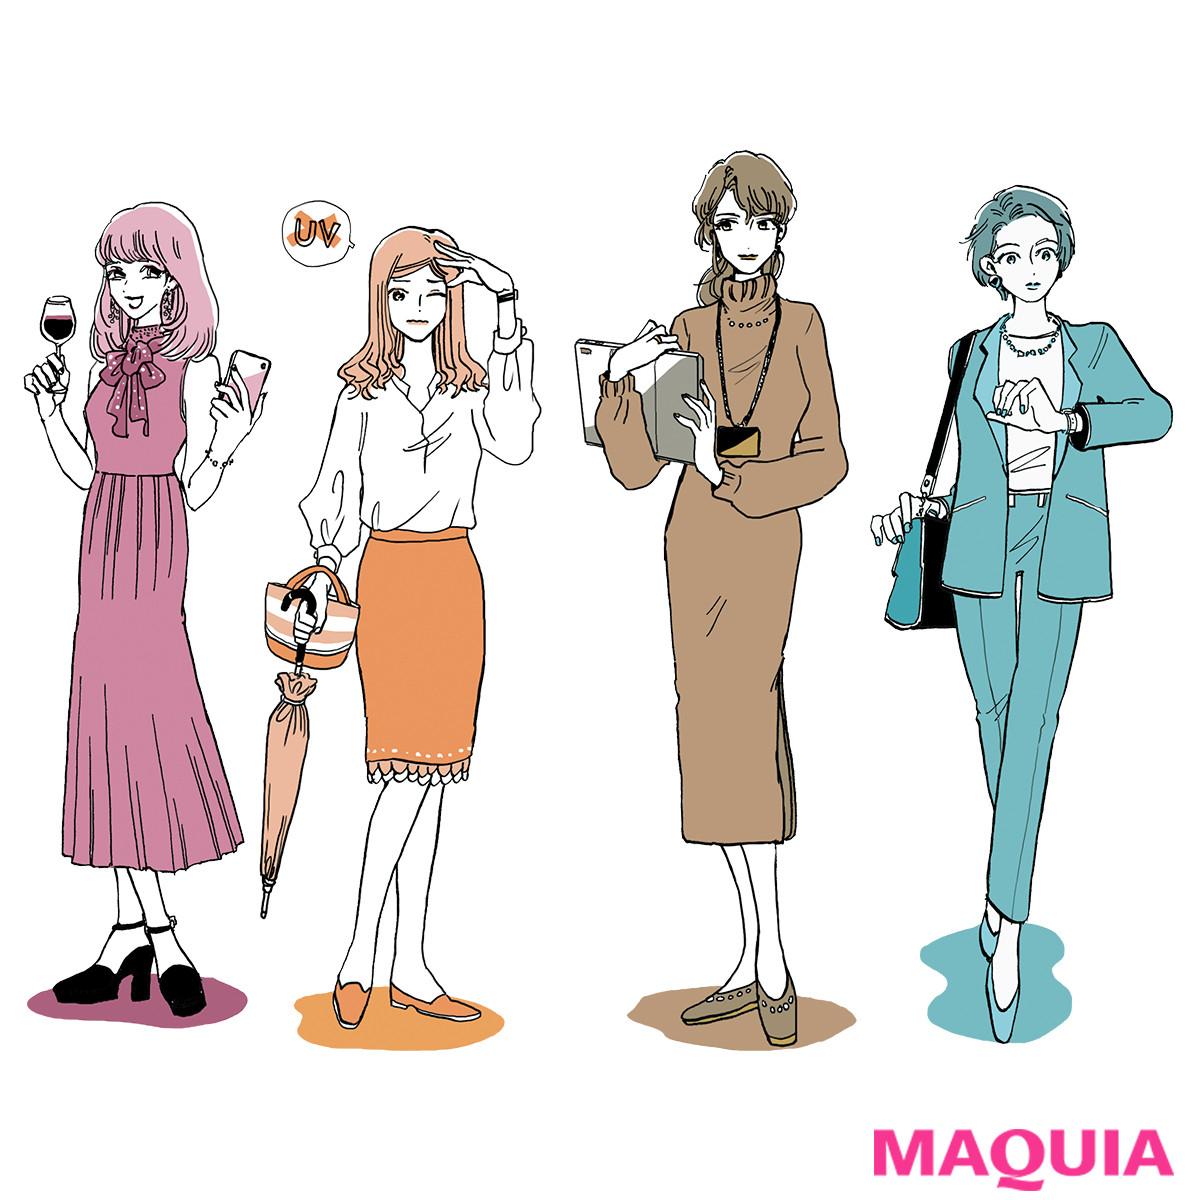 話題の4人組ユニット「劇団雌猫」が分析! ファンデーションを塗る理由とは?